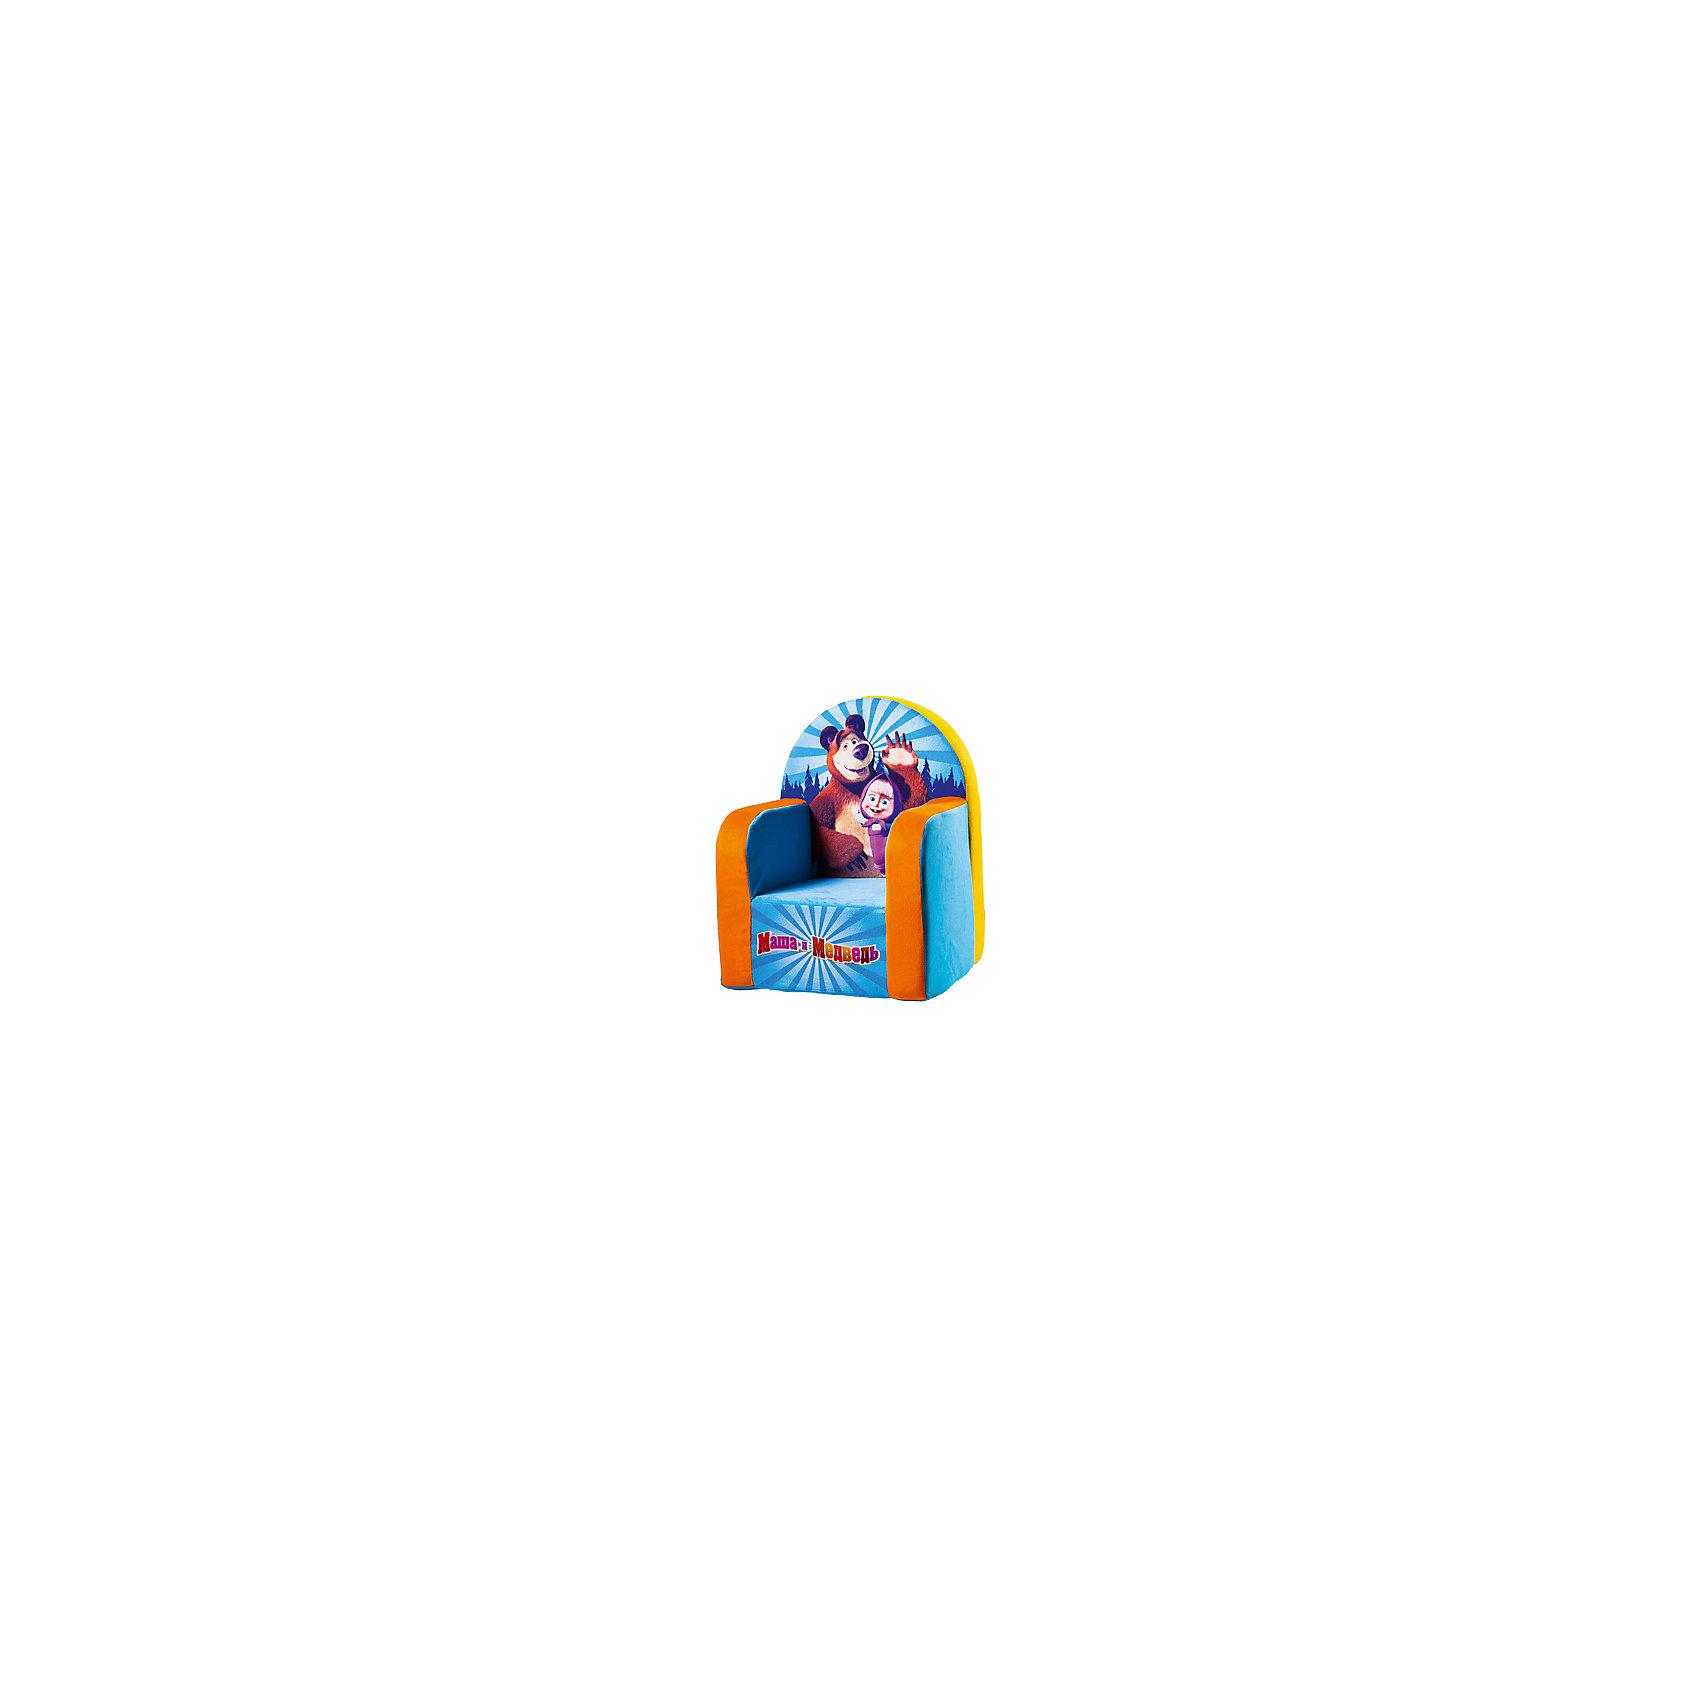 Мягкое кресло Маша и Медведь, СмолТойс, голубойДетям очень важно иметь свои вещи, это касается не только посуды и игрушек, но и мебели. Именно поэтому такое кресло станет действительно желанным подарком для малыша. Тем более, что на нем есть изображение любимых мультяшных герои современных детей - Маши и Медведя.<br>Обивка кресла - мягкая и приятная на ощупь. Внутри предмет заполнен мягким пенополиуретаном, в нем нет жестких элементов, опасных для малыша. Кресло легкое, но устойчивое. Детям будет интересно и удобно в нем сидеть или играть. Такое яркое и симпатичное кресло оживит и украсит комнату ребенка!<br><br>Дополнительная информация:<br><br>цвет: разноцветный;<br>материал: трикотаж, пенополиуретан;<br>декорировано изображением Маши и Медведя;<br>размер: 530 х 320 х 410 мм.<br><br>Мягкое кресло Маша и Медведь можно купить в нашем магазине.<br><br>Ширина мм: 32<br>Глубина мм: 41<br>Высота мм: 53<br>Вес г: 1075<br>Возраст от месяцев: 36<br>Возраст до месяцев: 1188<br>Пол: Унисекс<br>Возраст: Детский<br>SKU: 3440339